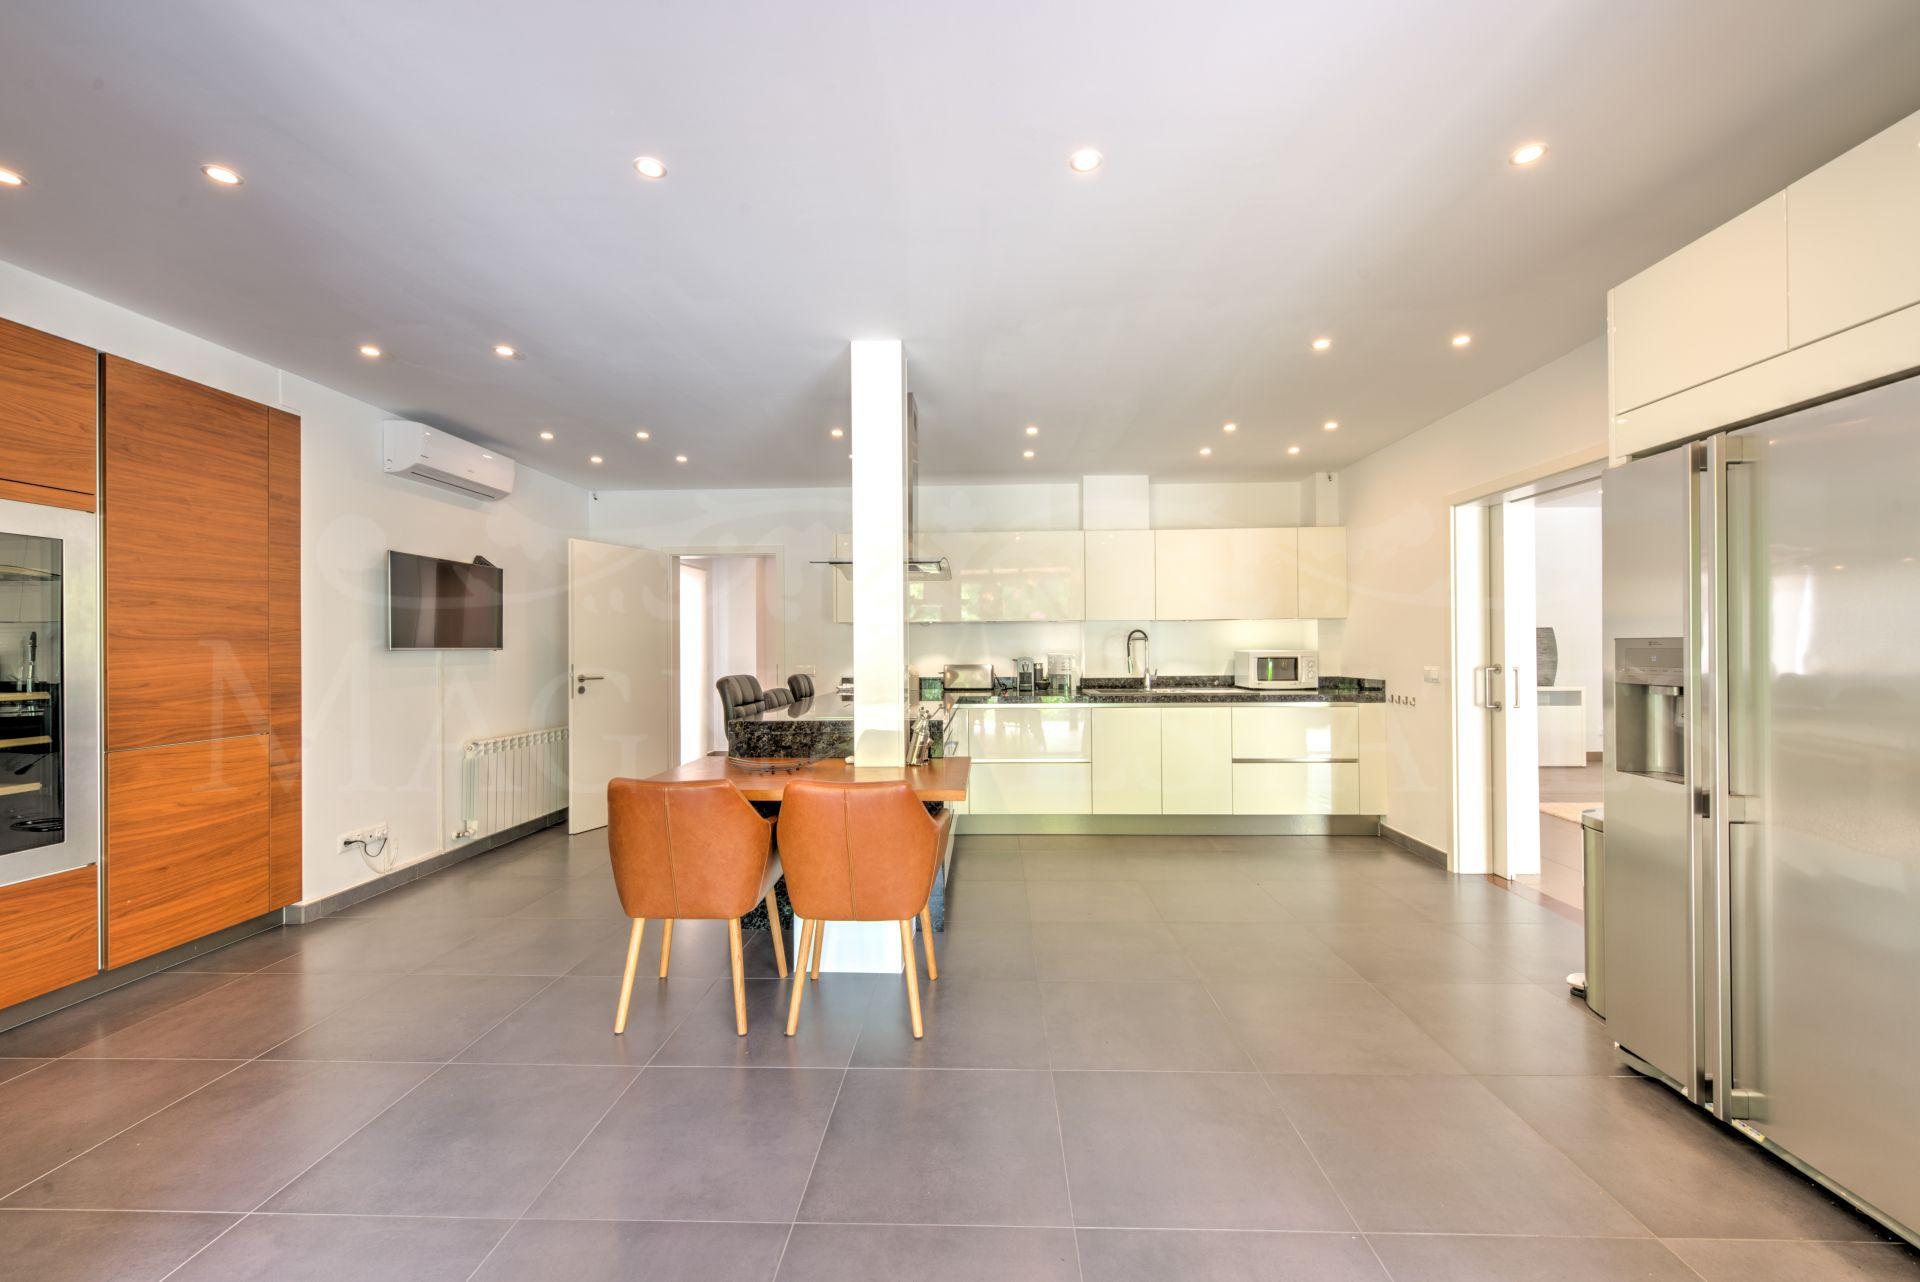 Excellent newly renovated villa in Nueva Andalucía, Marbella